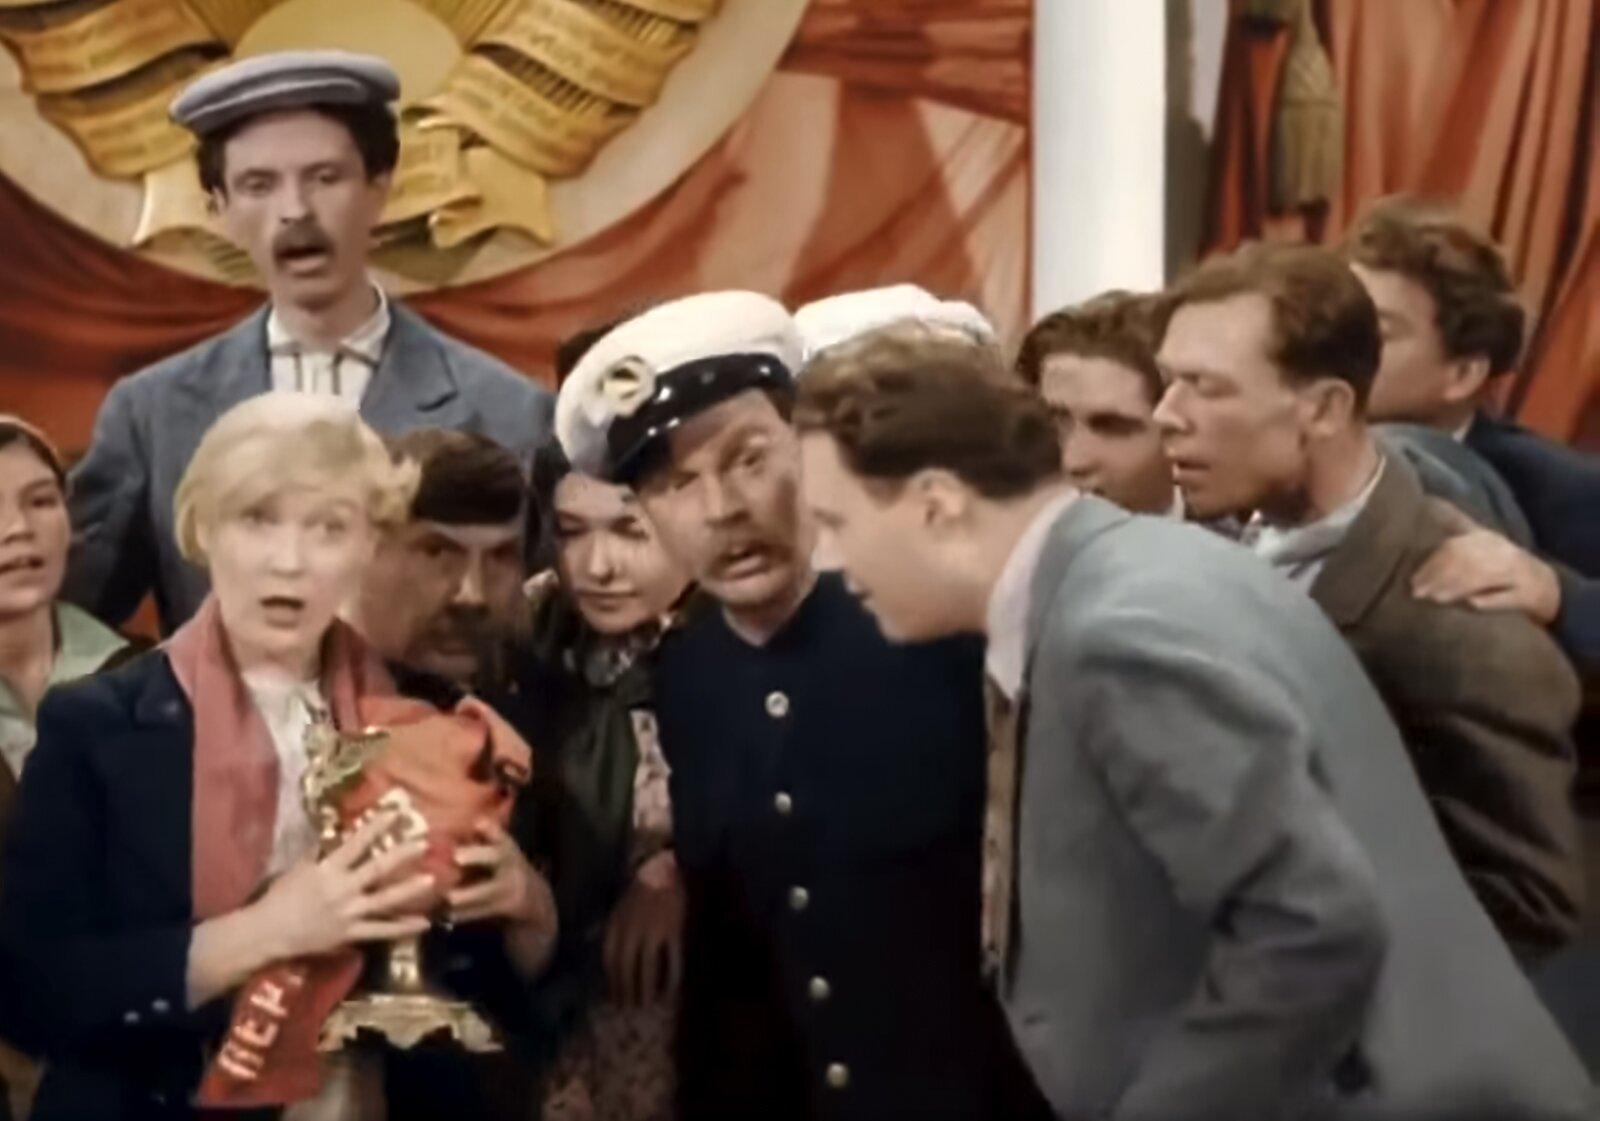 Кадр из фильма «Волга-Волга». Режиссер Г. Александров. 1938 год